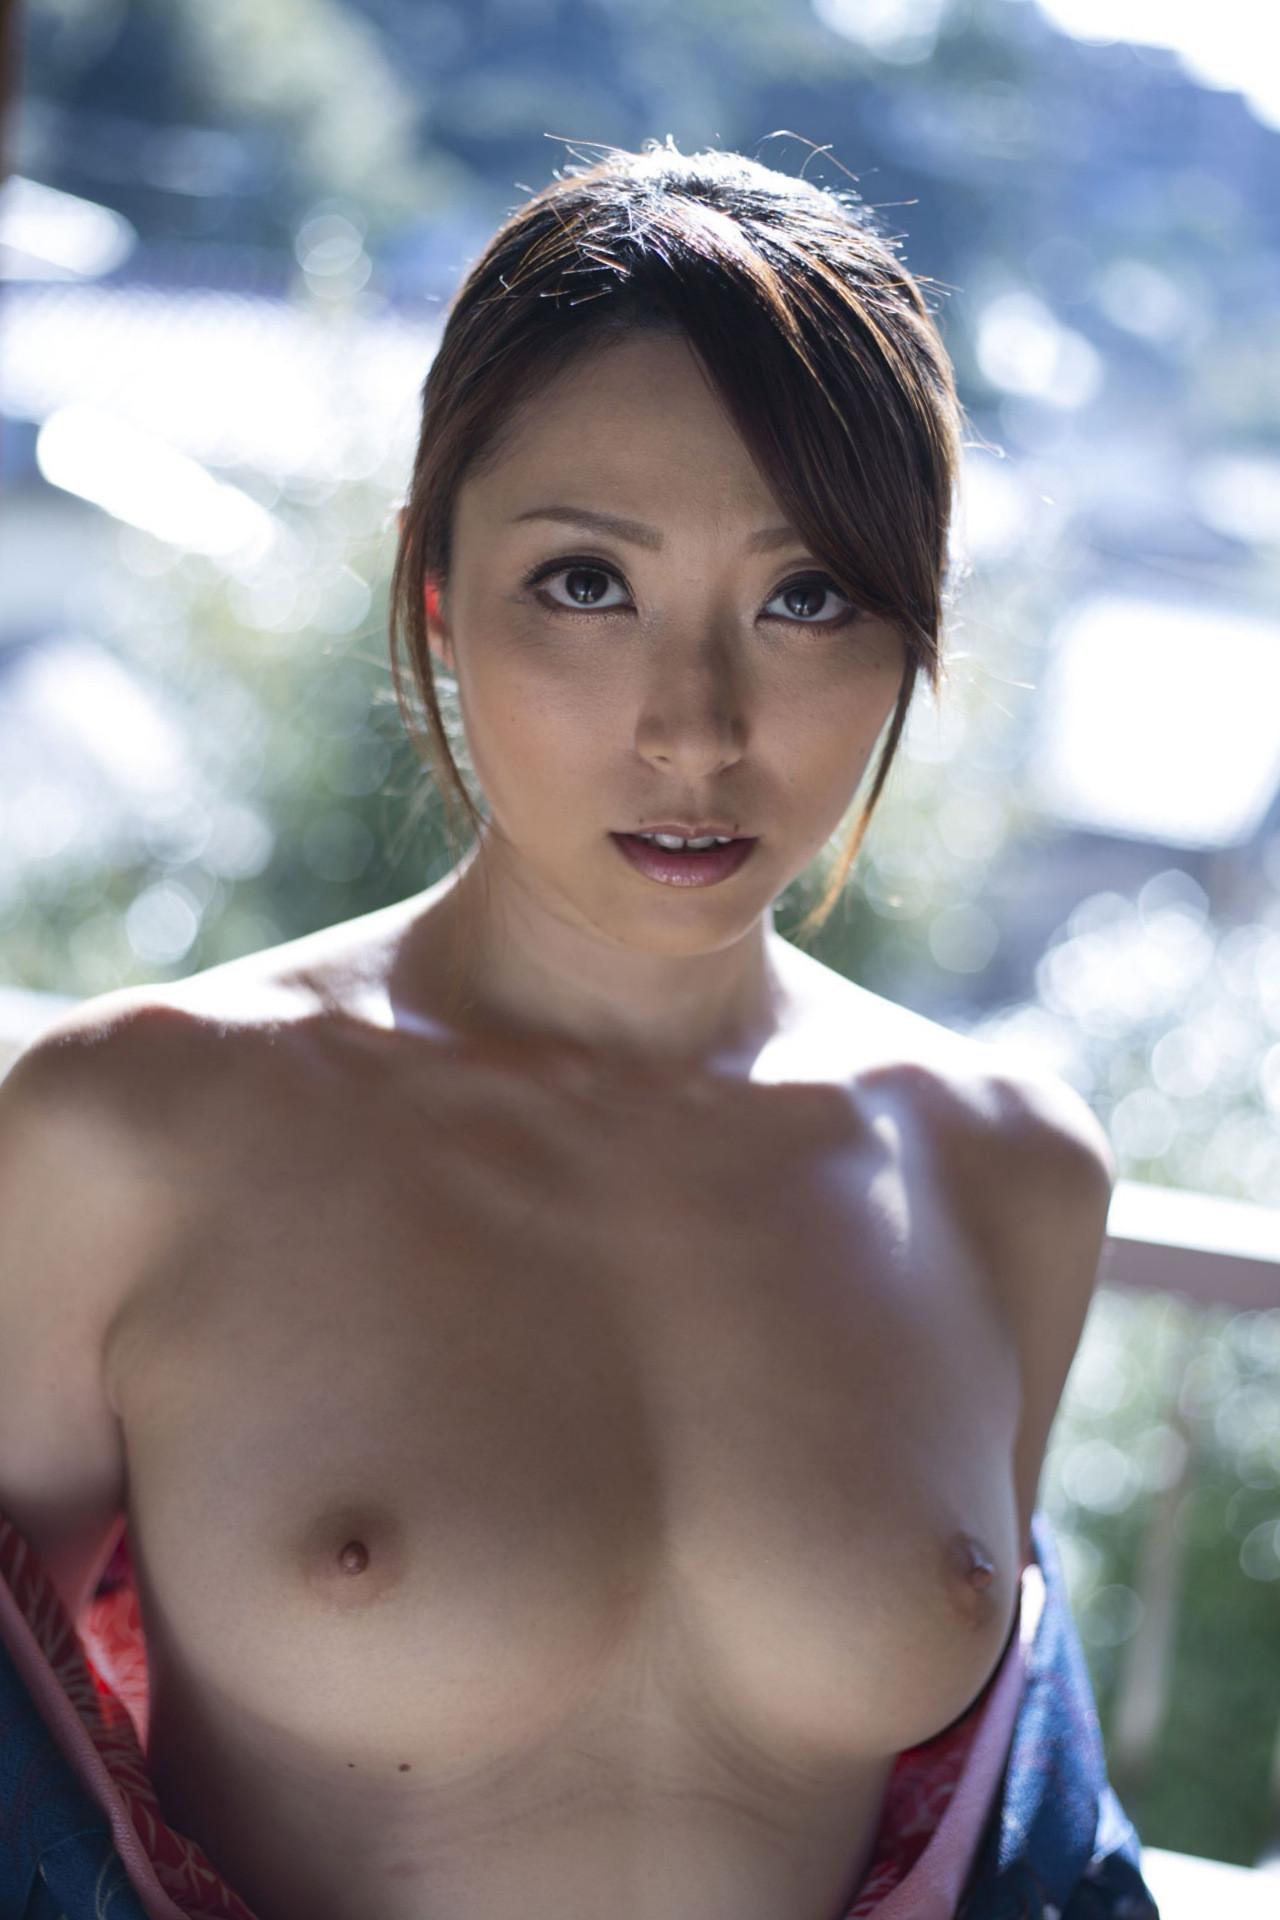 和風美人 白木優子 画像 24